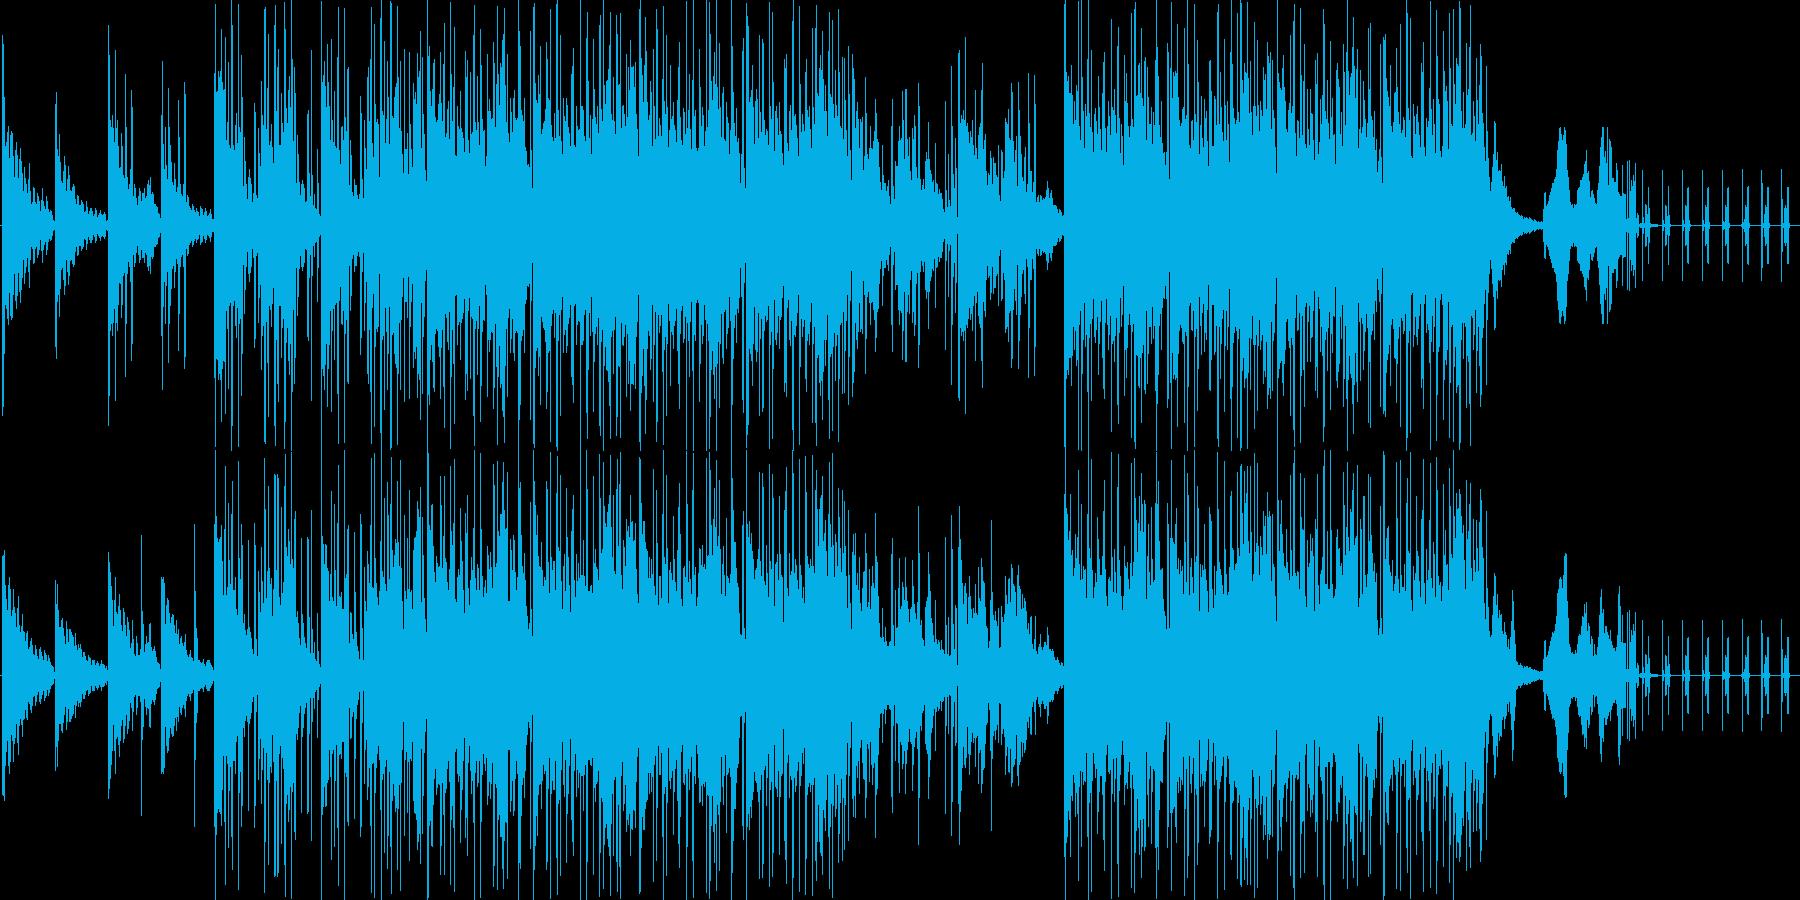 幻想的で怪しいイメージの曲の再生済みの波形